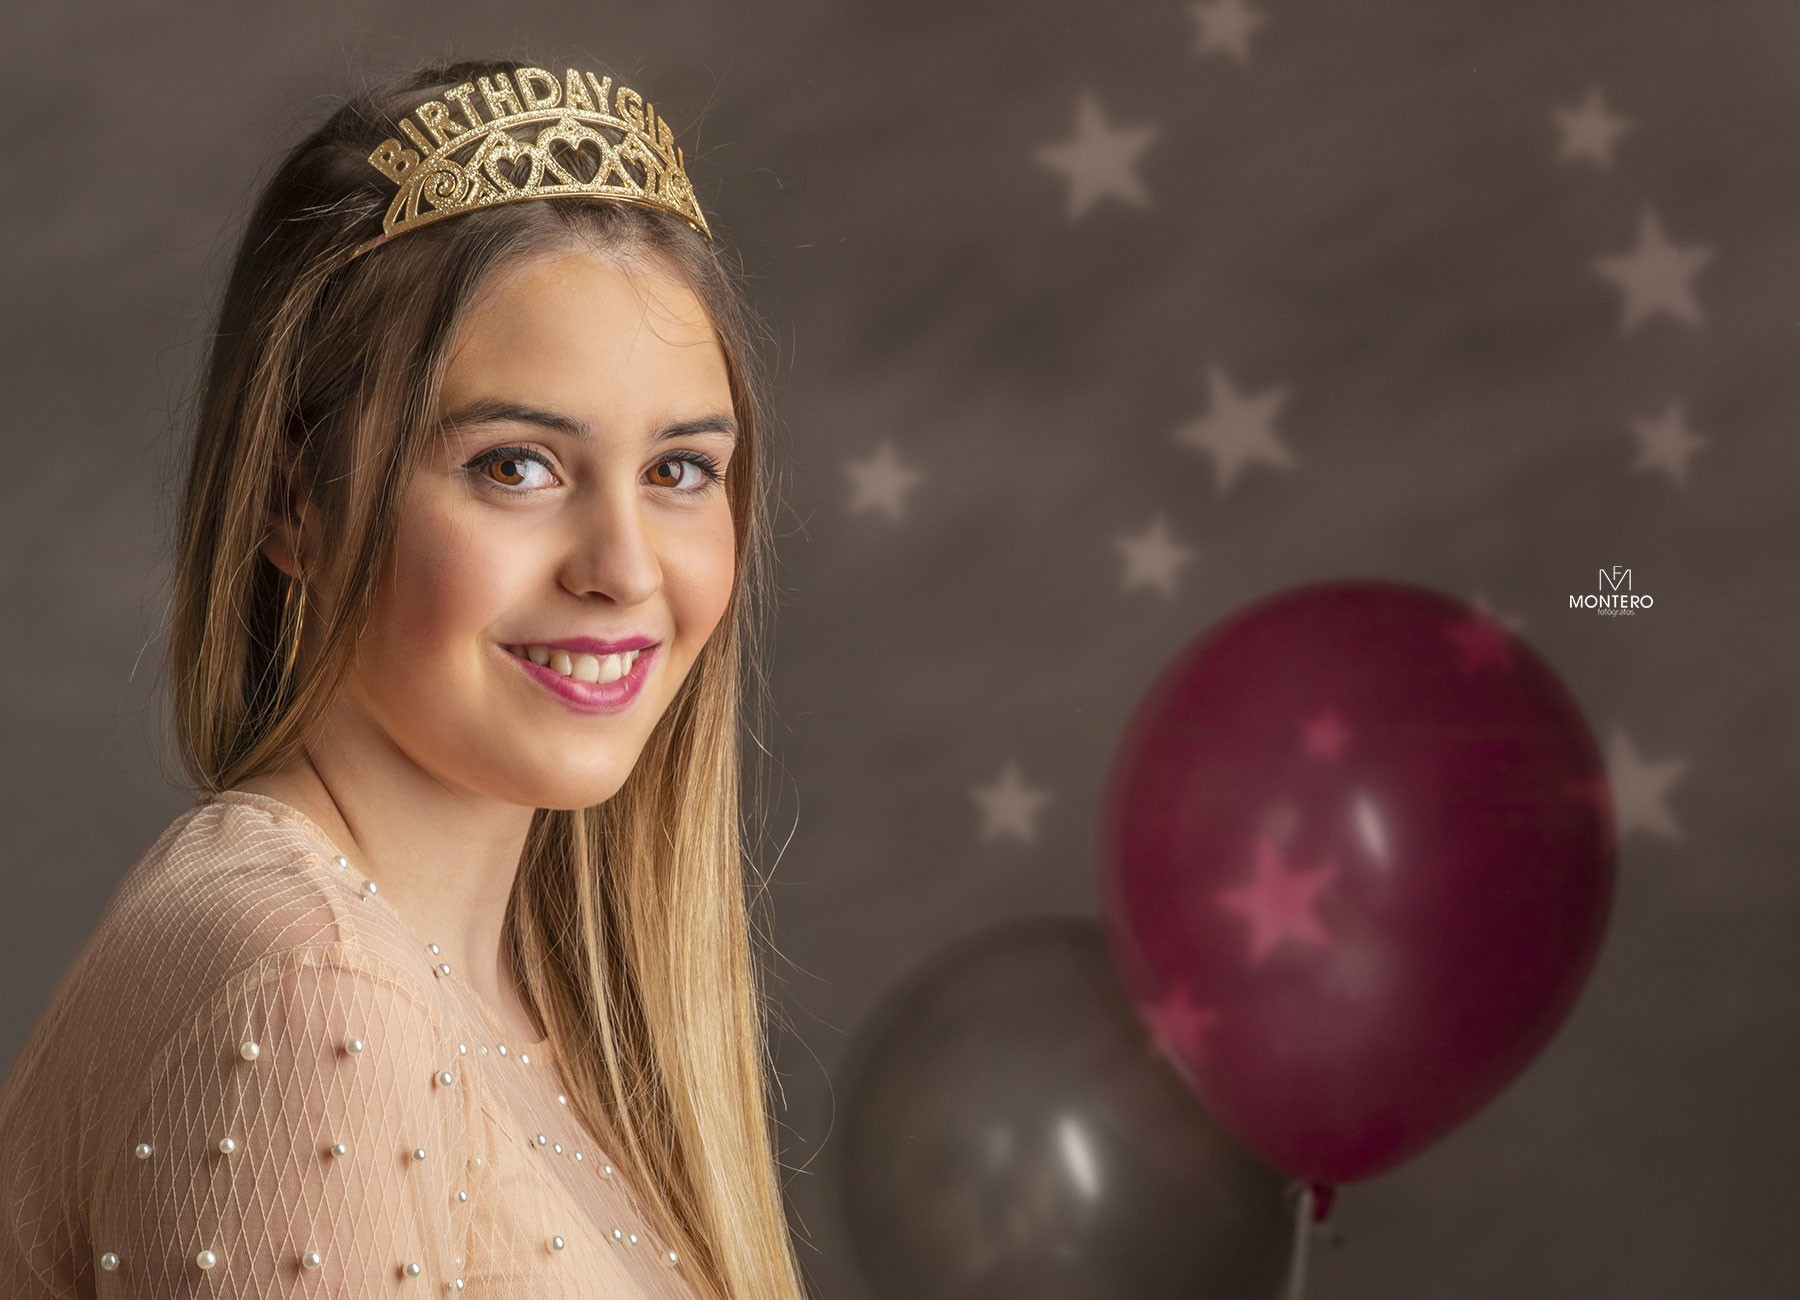 fotos para tu fiesta de cumpleaños de adolescente